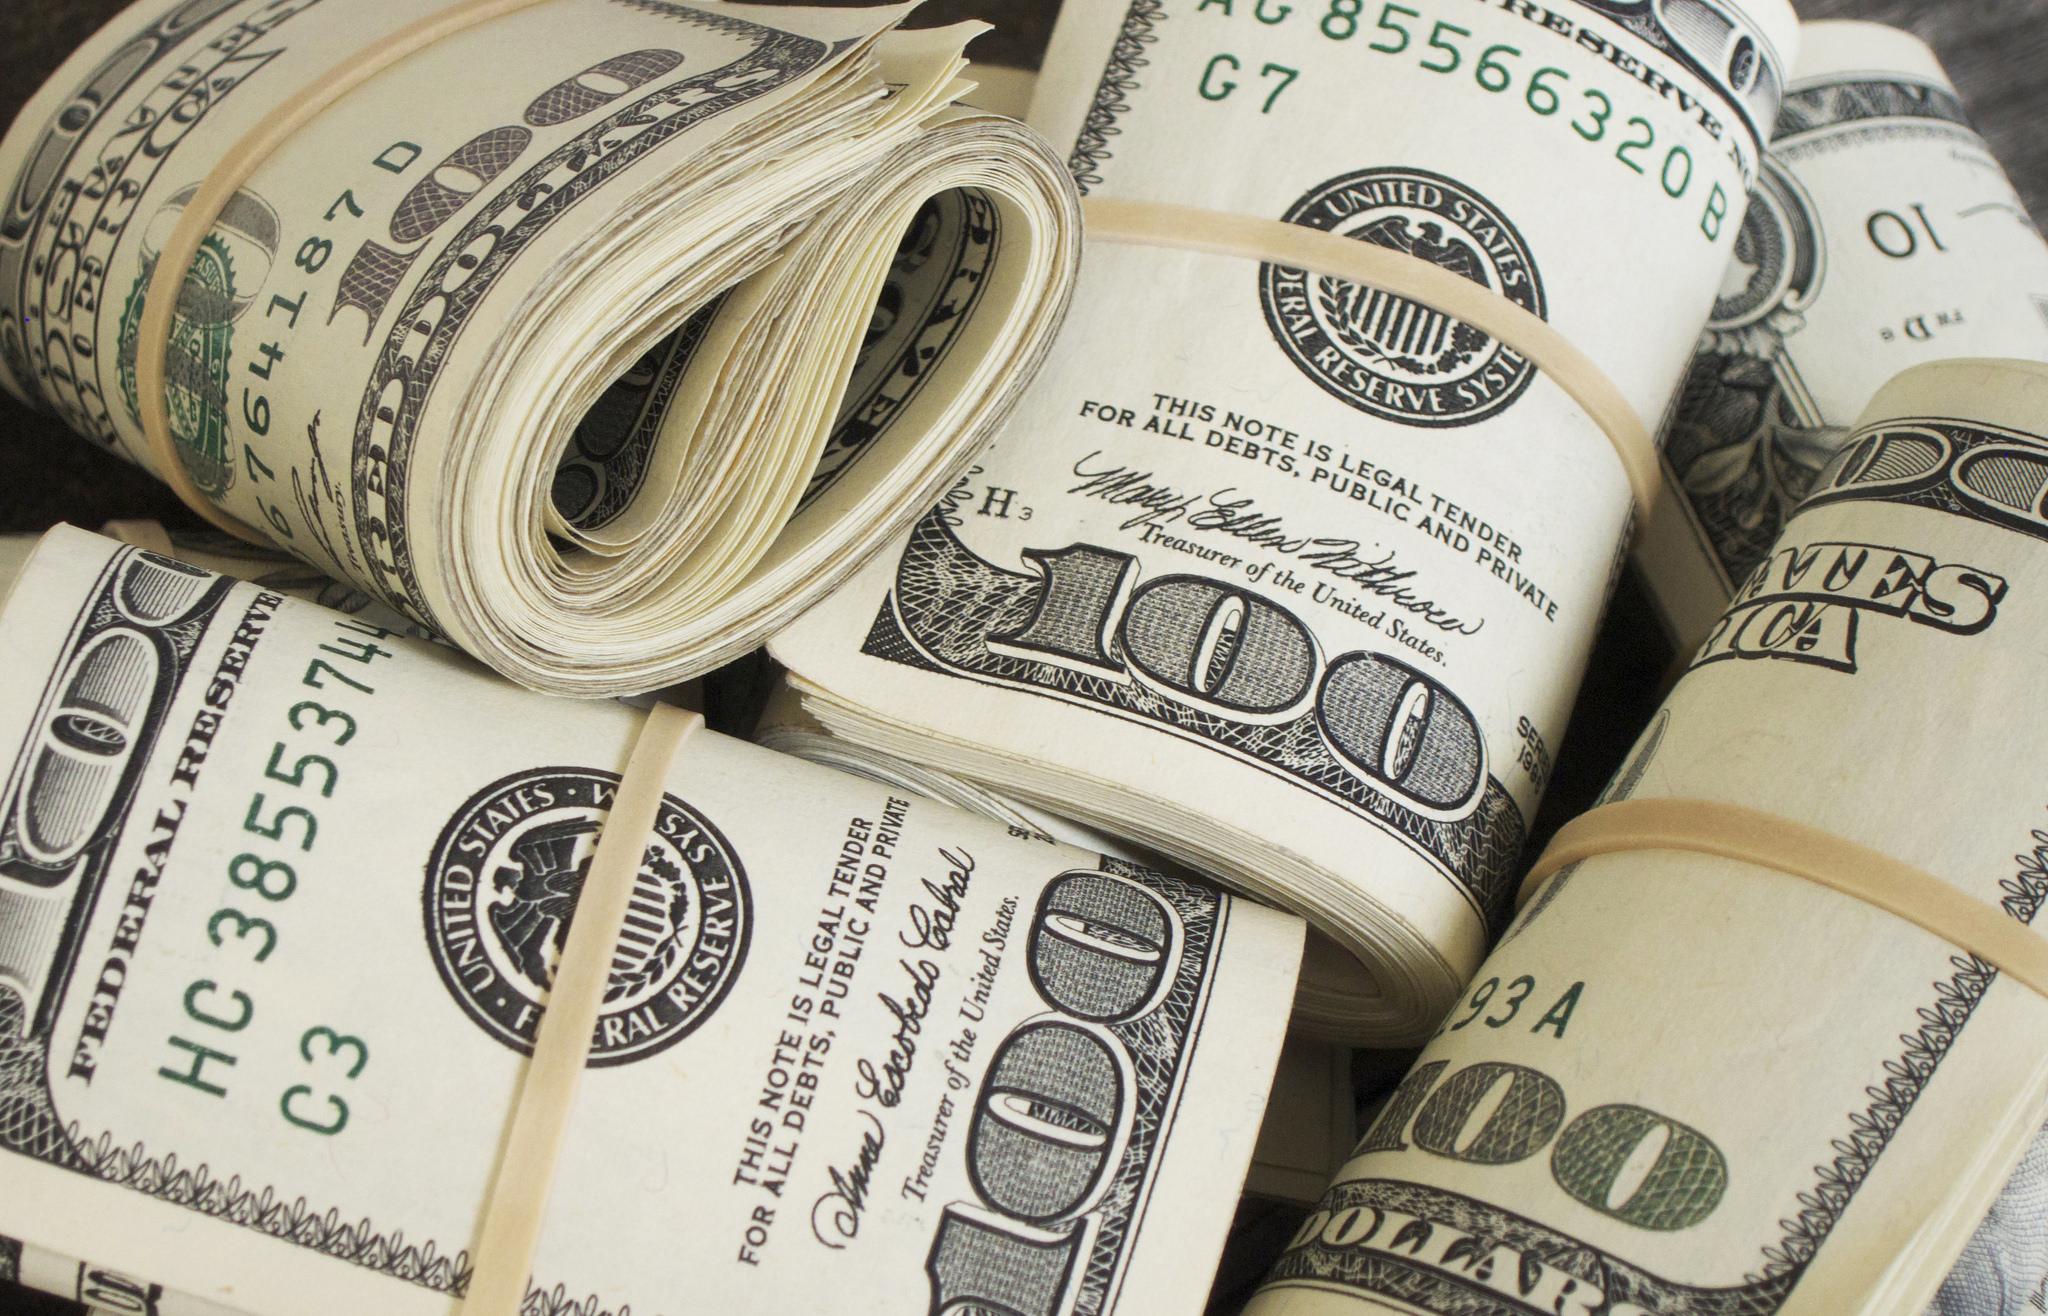 bundles of money cash